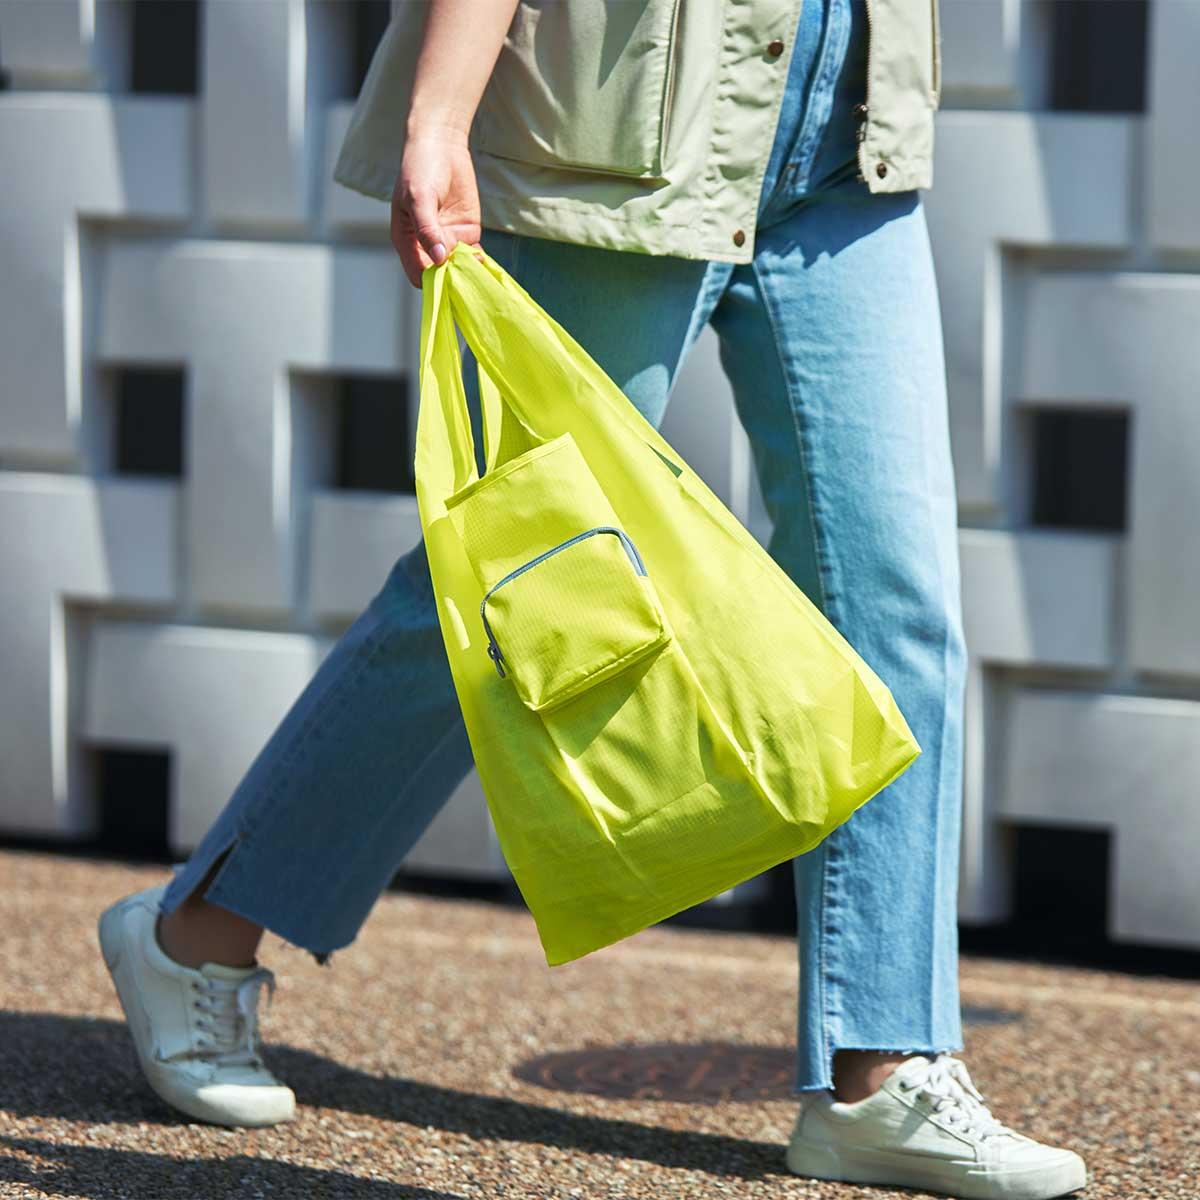 シンプルなレジ袋型のデザインですが、見た目以上にたっぷり収納できる懐の広さも特筆したいポイント。ファッションに合わせて選べる豊富なカラー展開。スマートに持ち歩ける折りたたみエコバッグ|KATOKOA